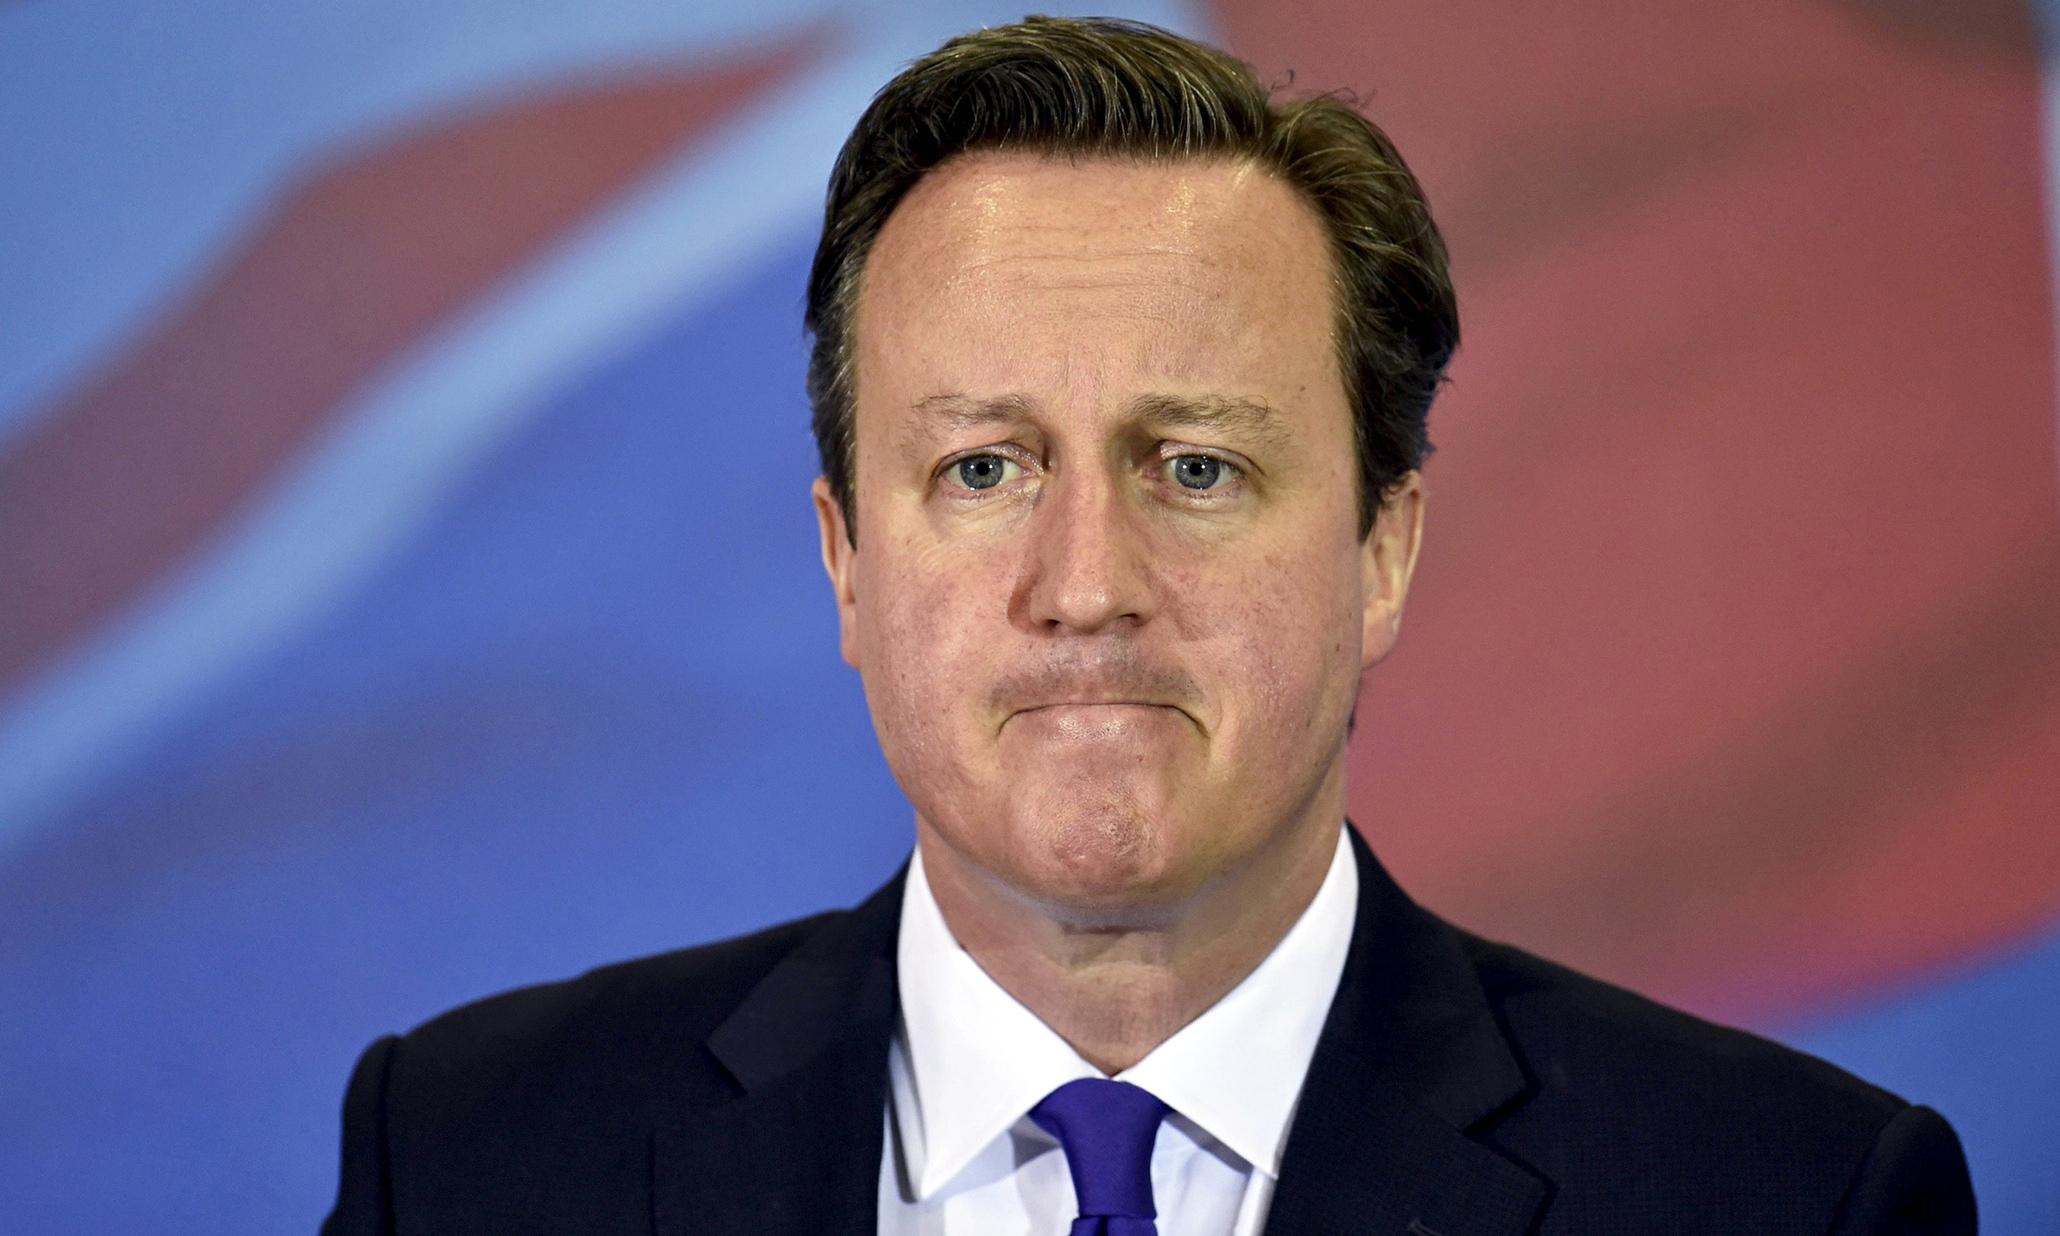 David Cameron looking nervous